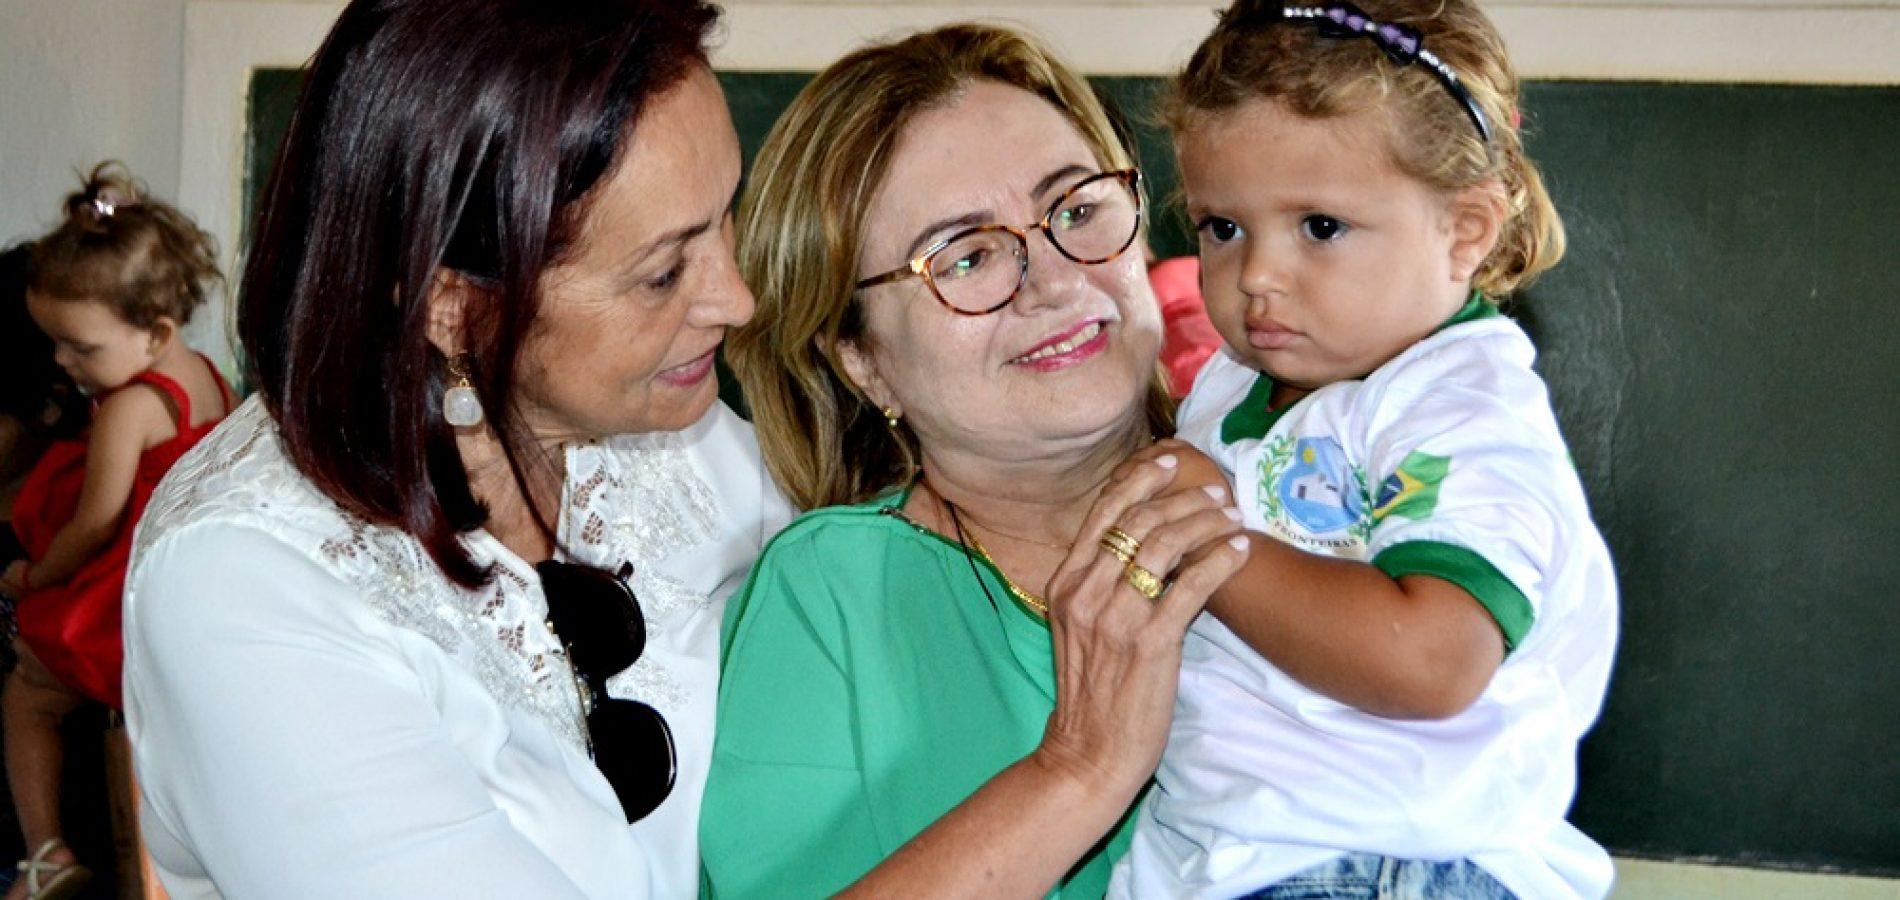 FRONTEIRAS | Em visita a Comunidade Alecrim prefeita e secretária de educação entregam fardamento escolar